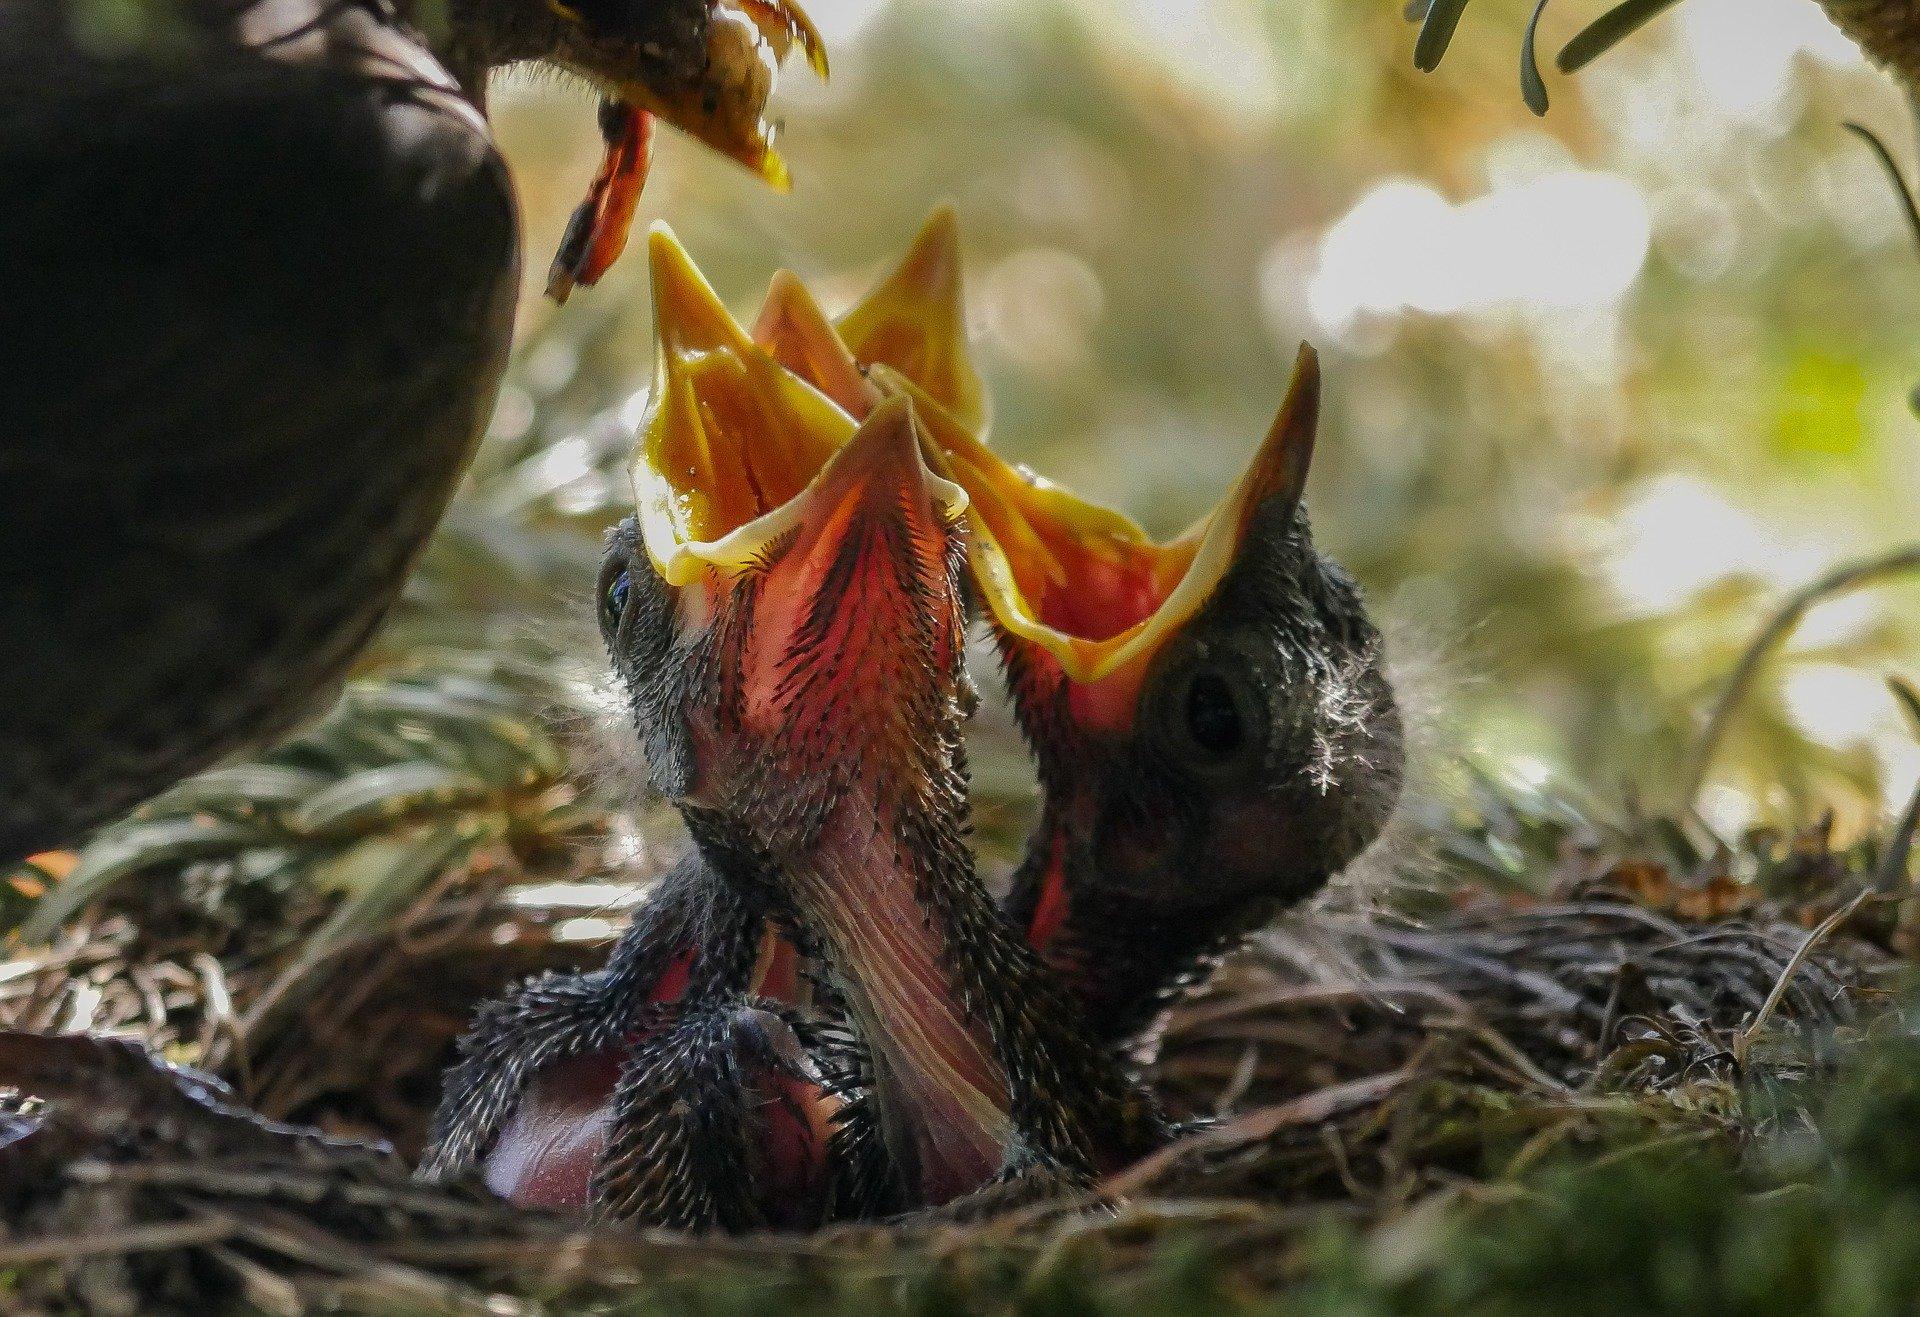 Cría de aves aviariojp